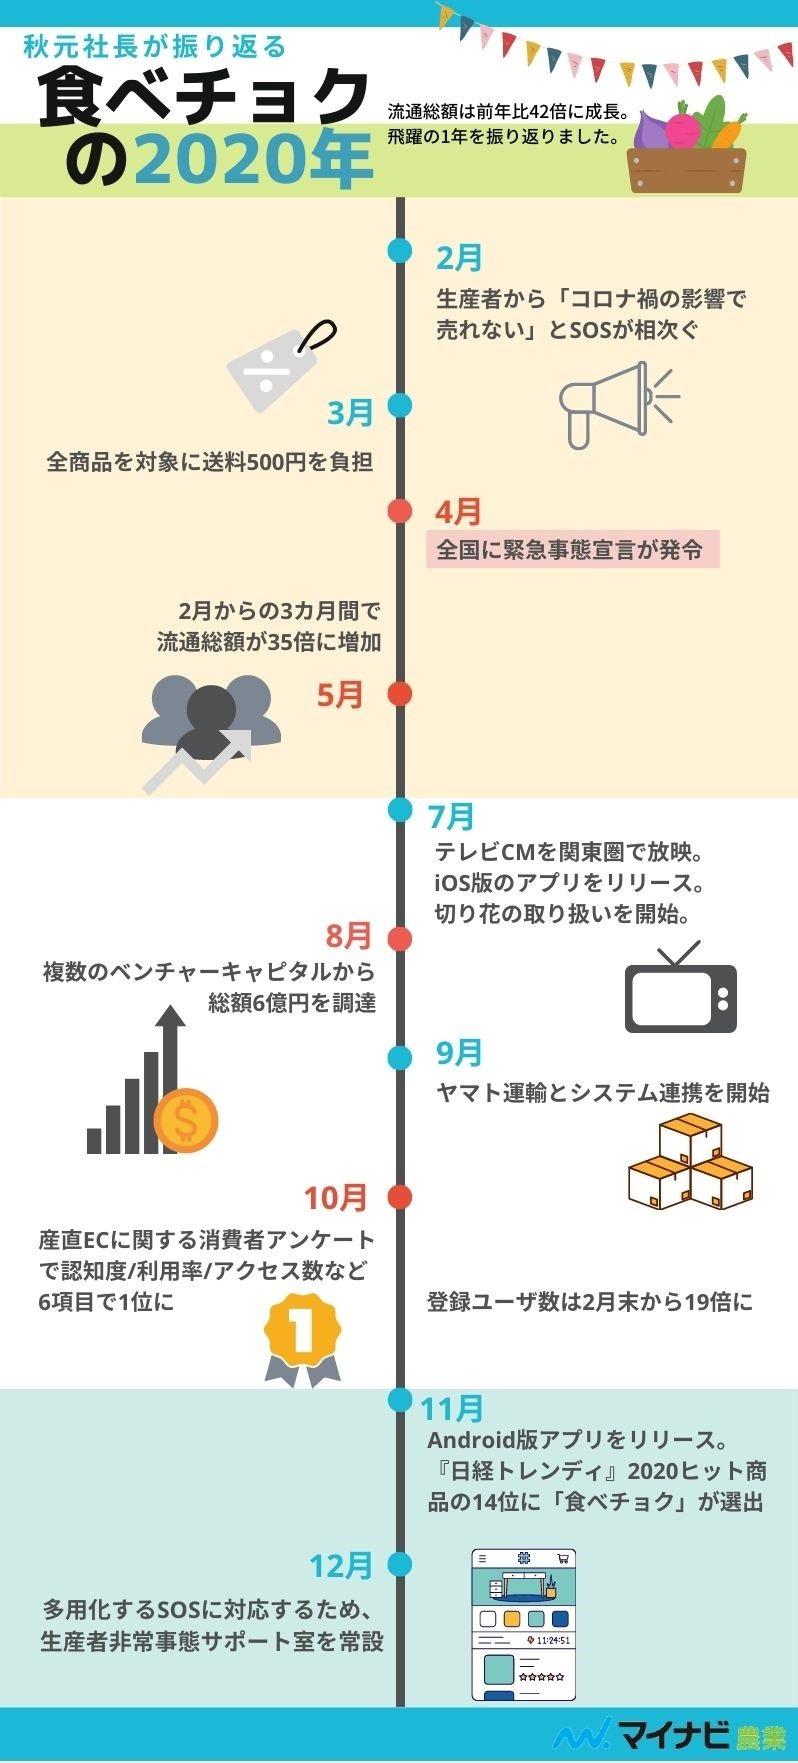 食べチョクの2020年インフォグラフィックス